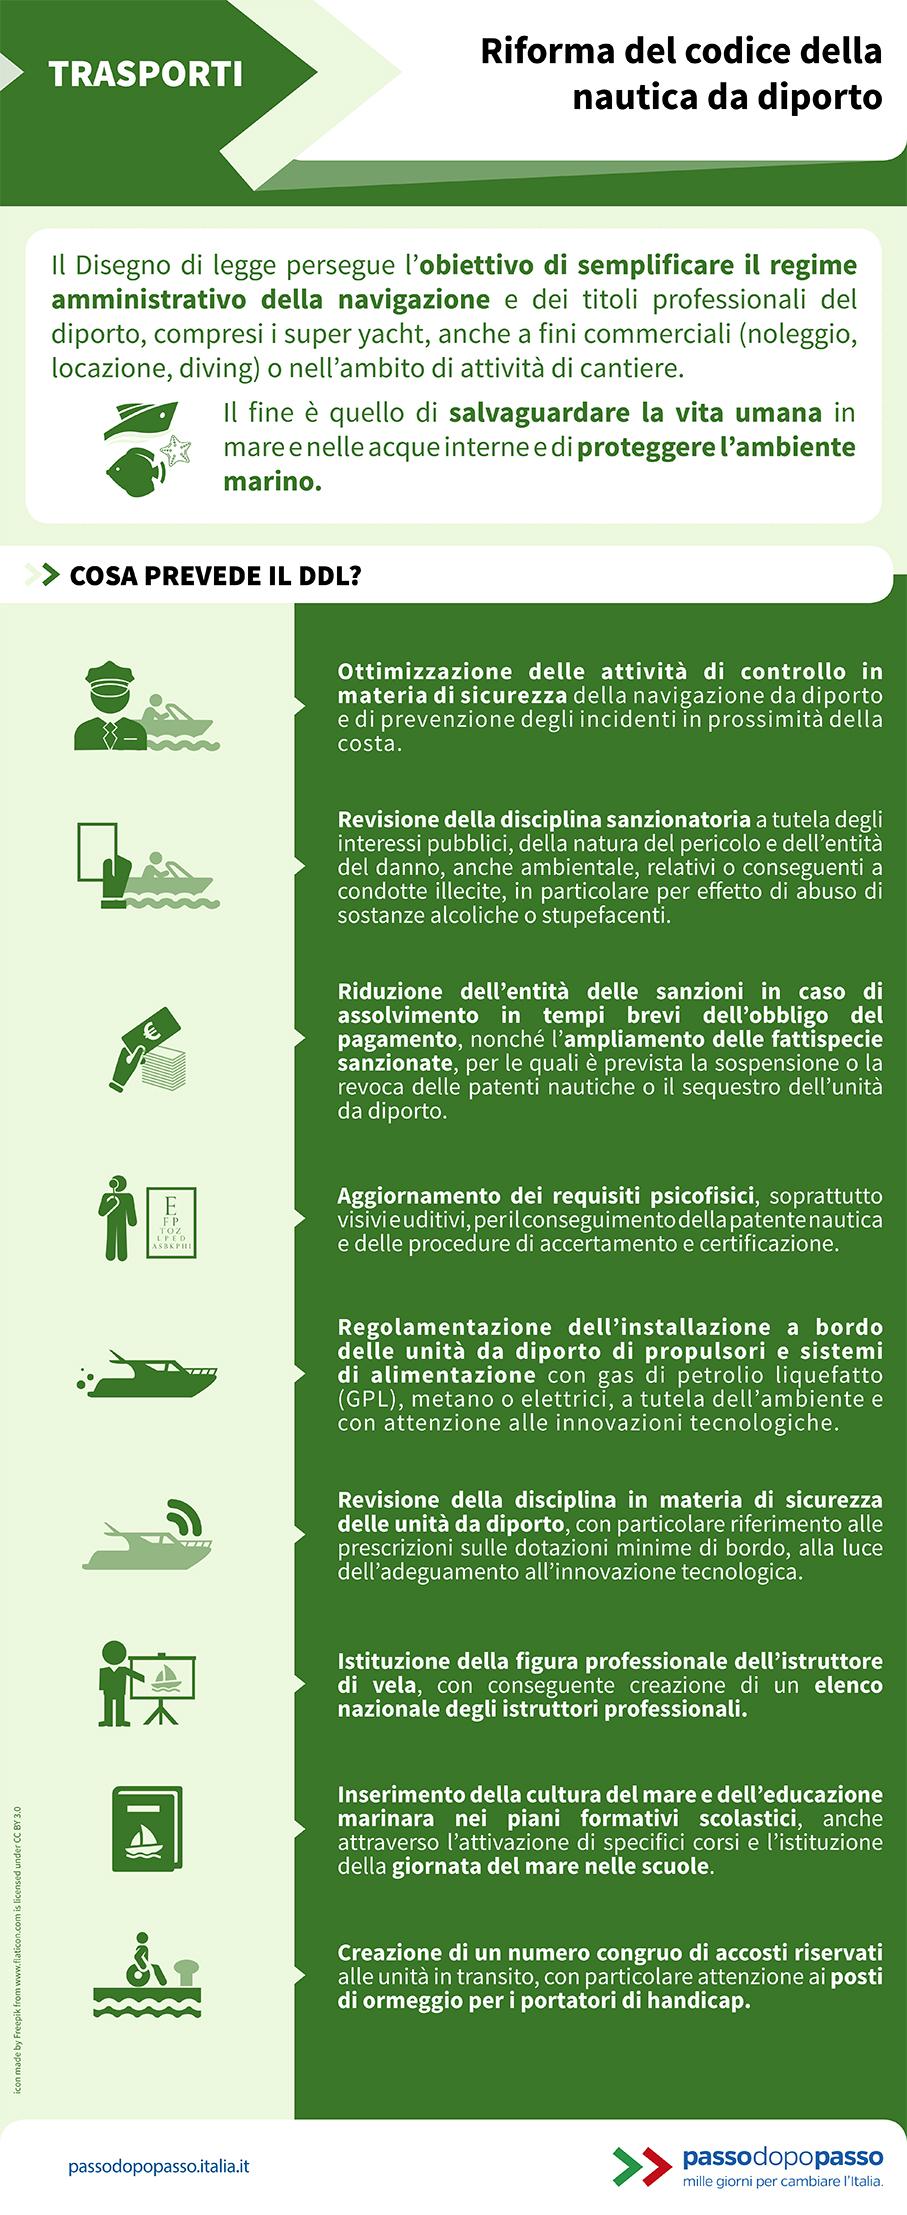 Infografica: Riforma del codice della nautica da diporto